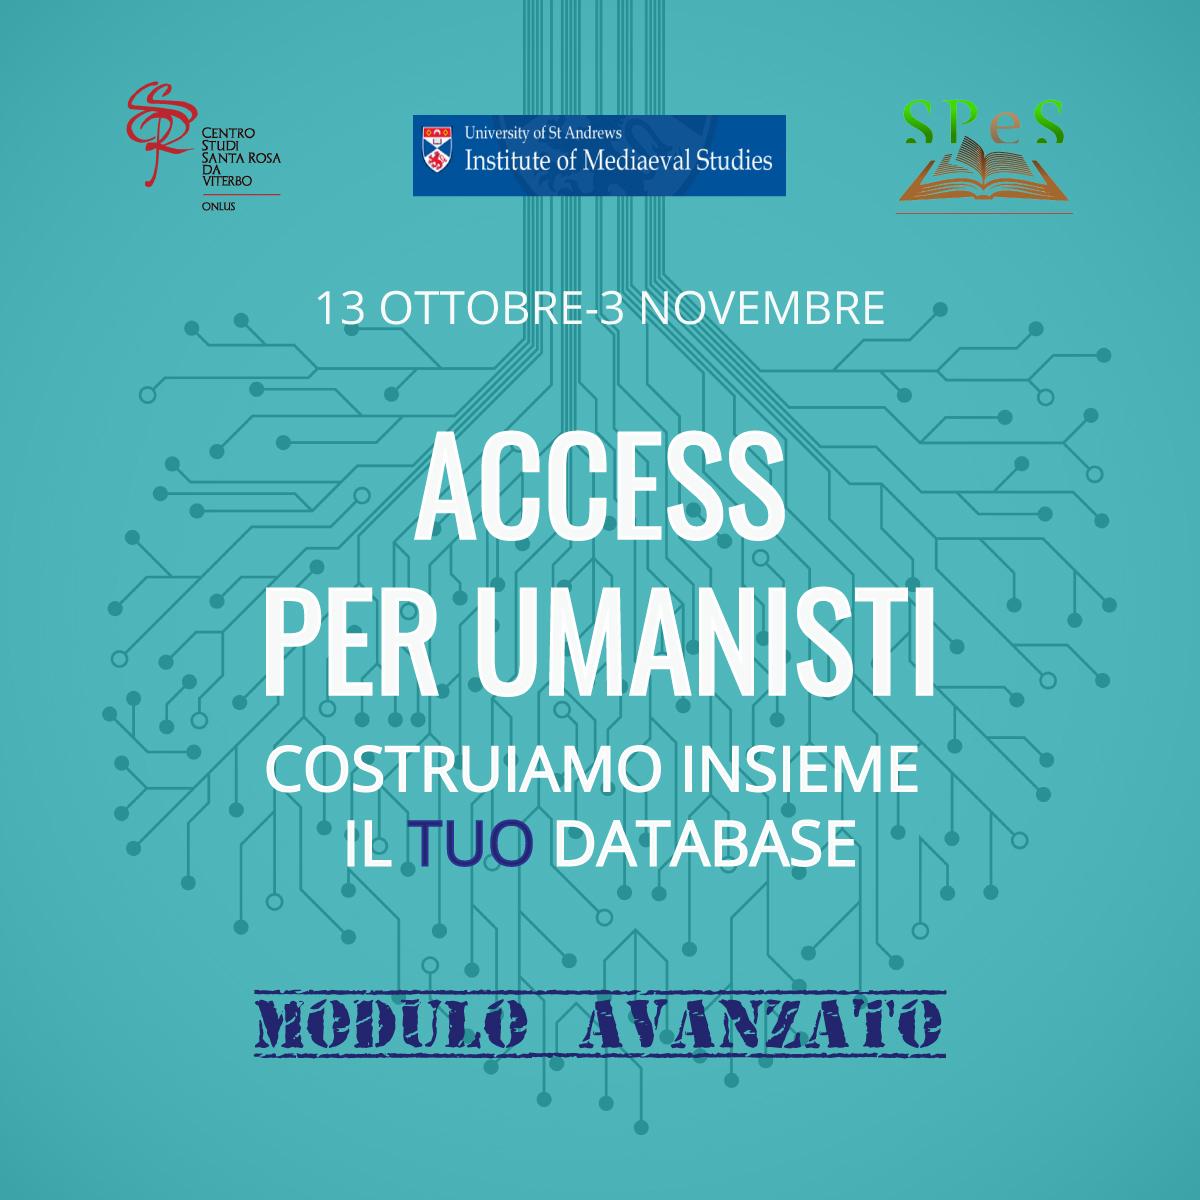 Access-avanzato-quadrato